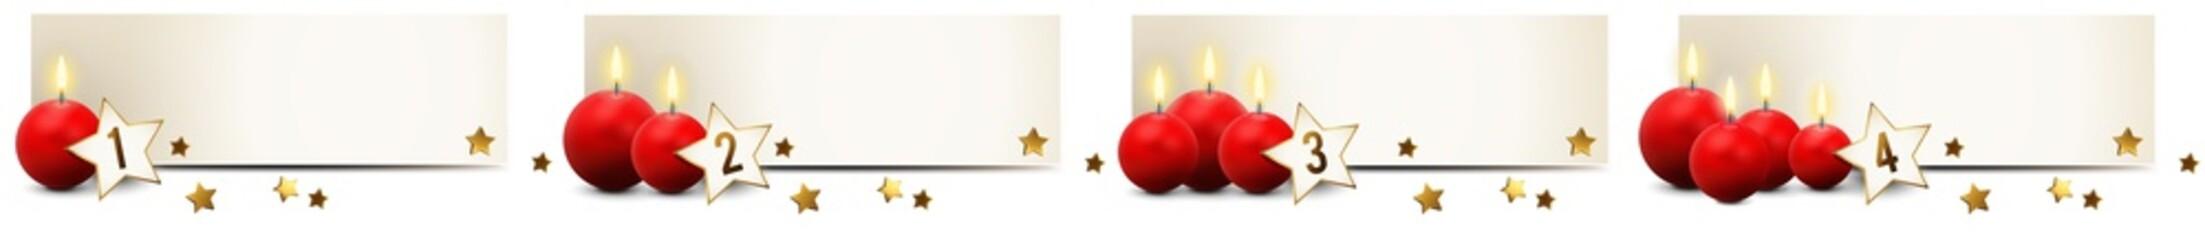 Banner Set mit roten Advent Kerzen und Sternen